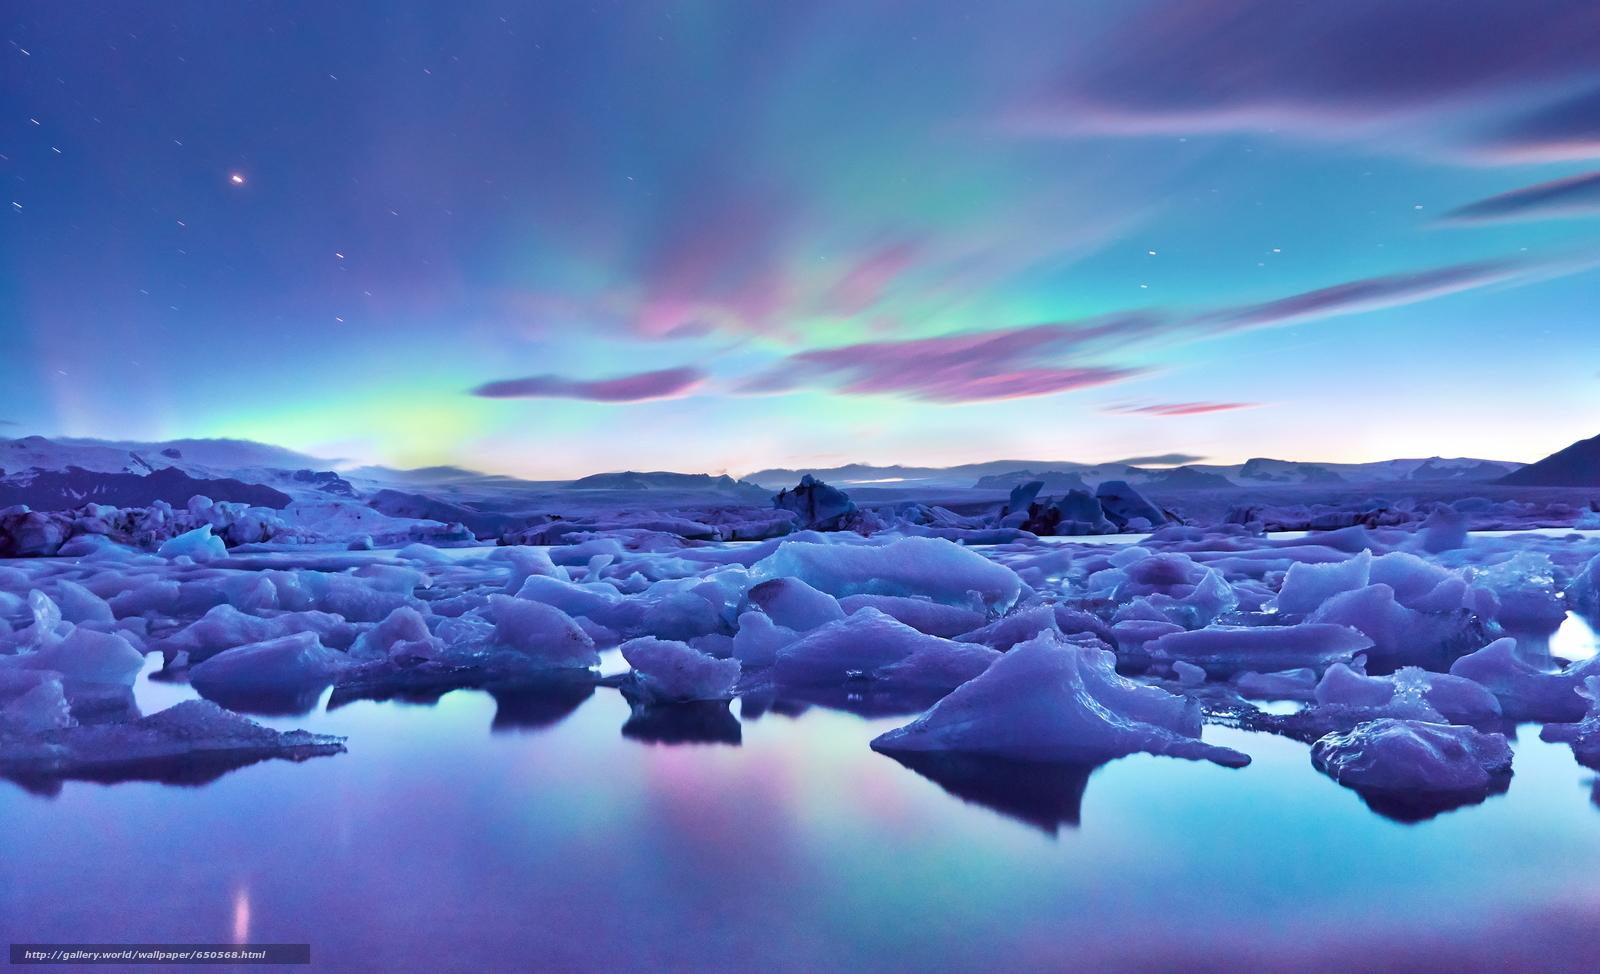 下载壁纸 冰岛, 冰, 冰川, 天空 免费为您的桌面分辨率的壁纸 3840x